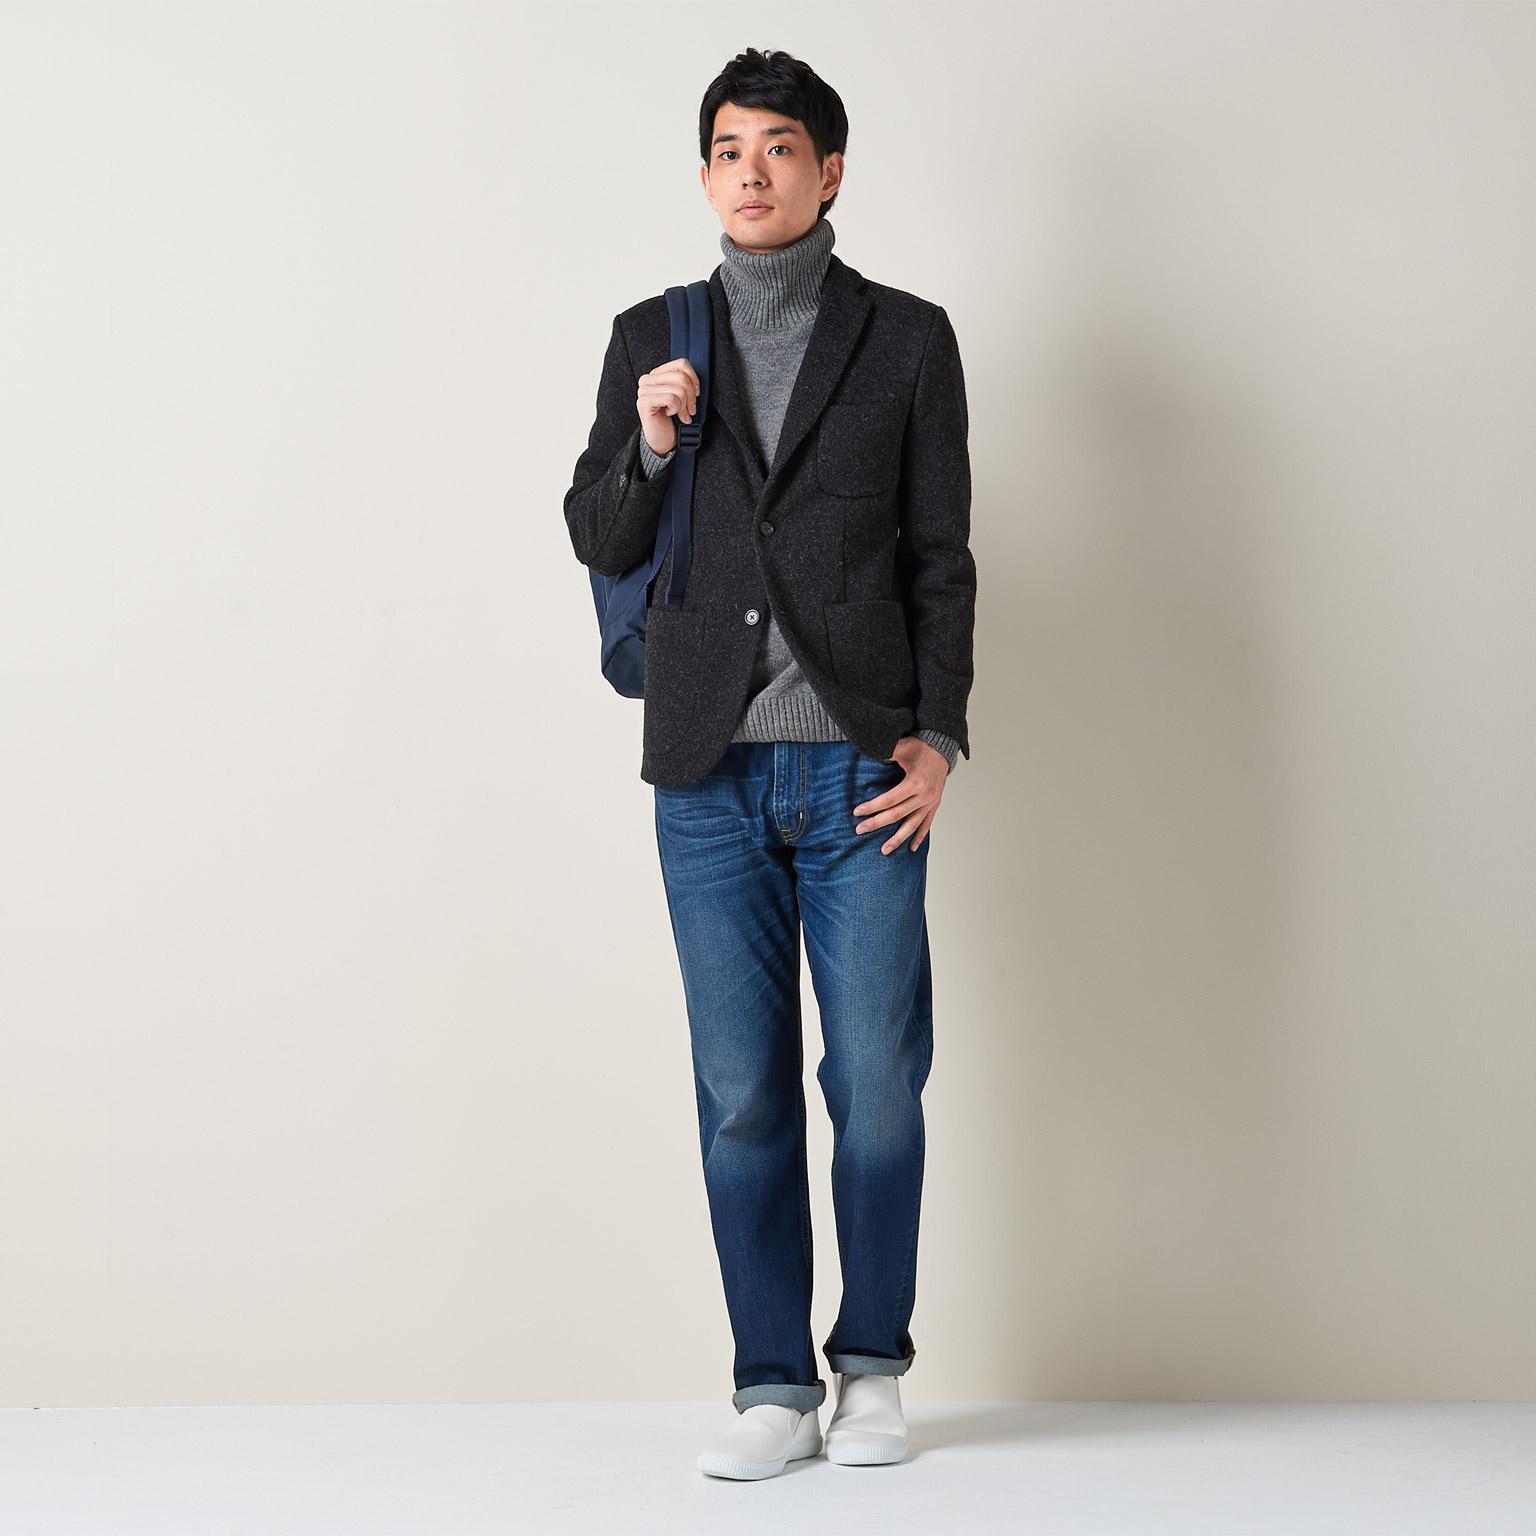 無印良品 良品計画 スニーカー キャンバス 靴 シューズ ローカット ネイビー 24.5cm メンズ/☆B06 メンズ